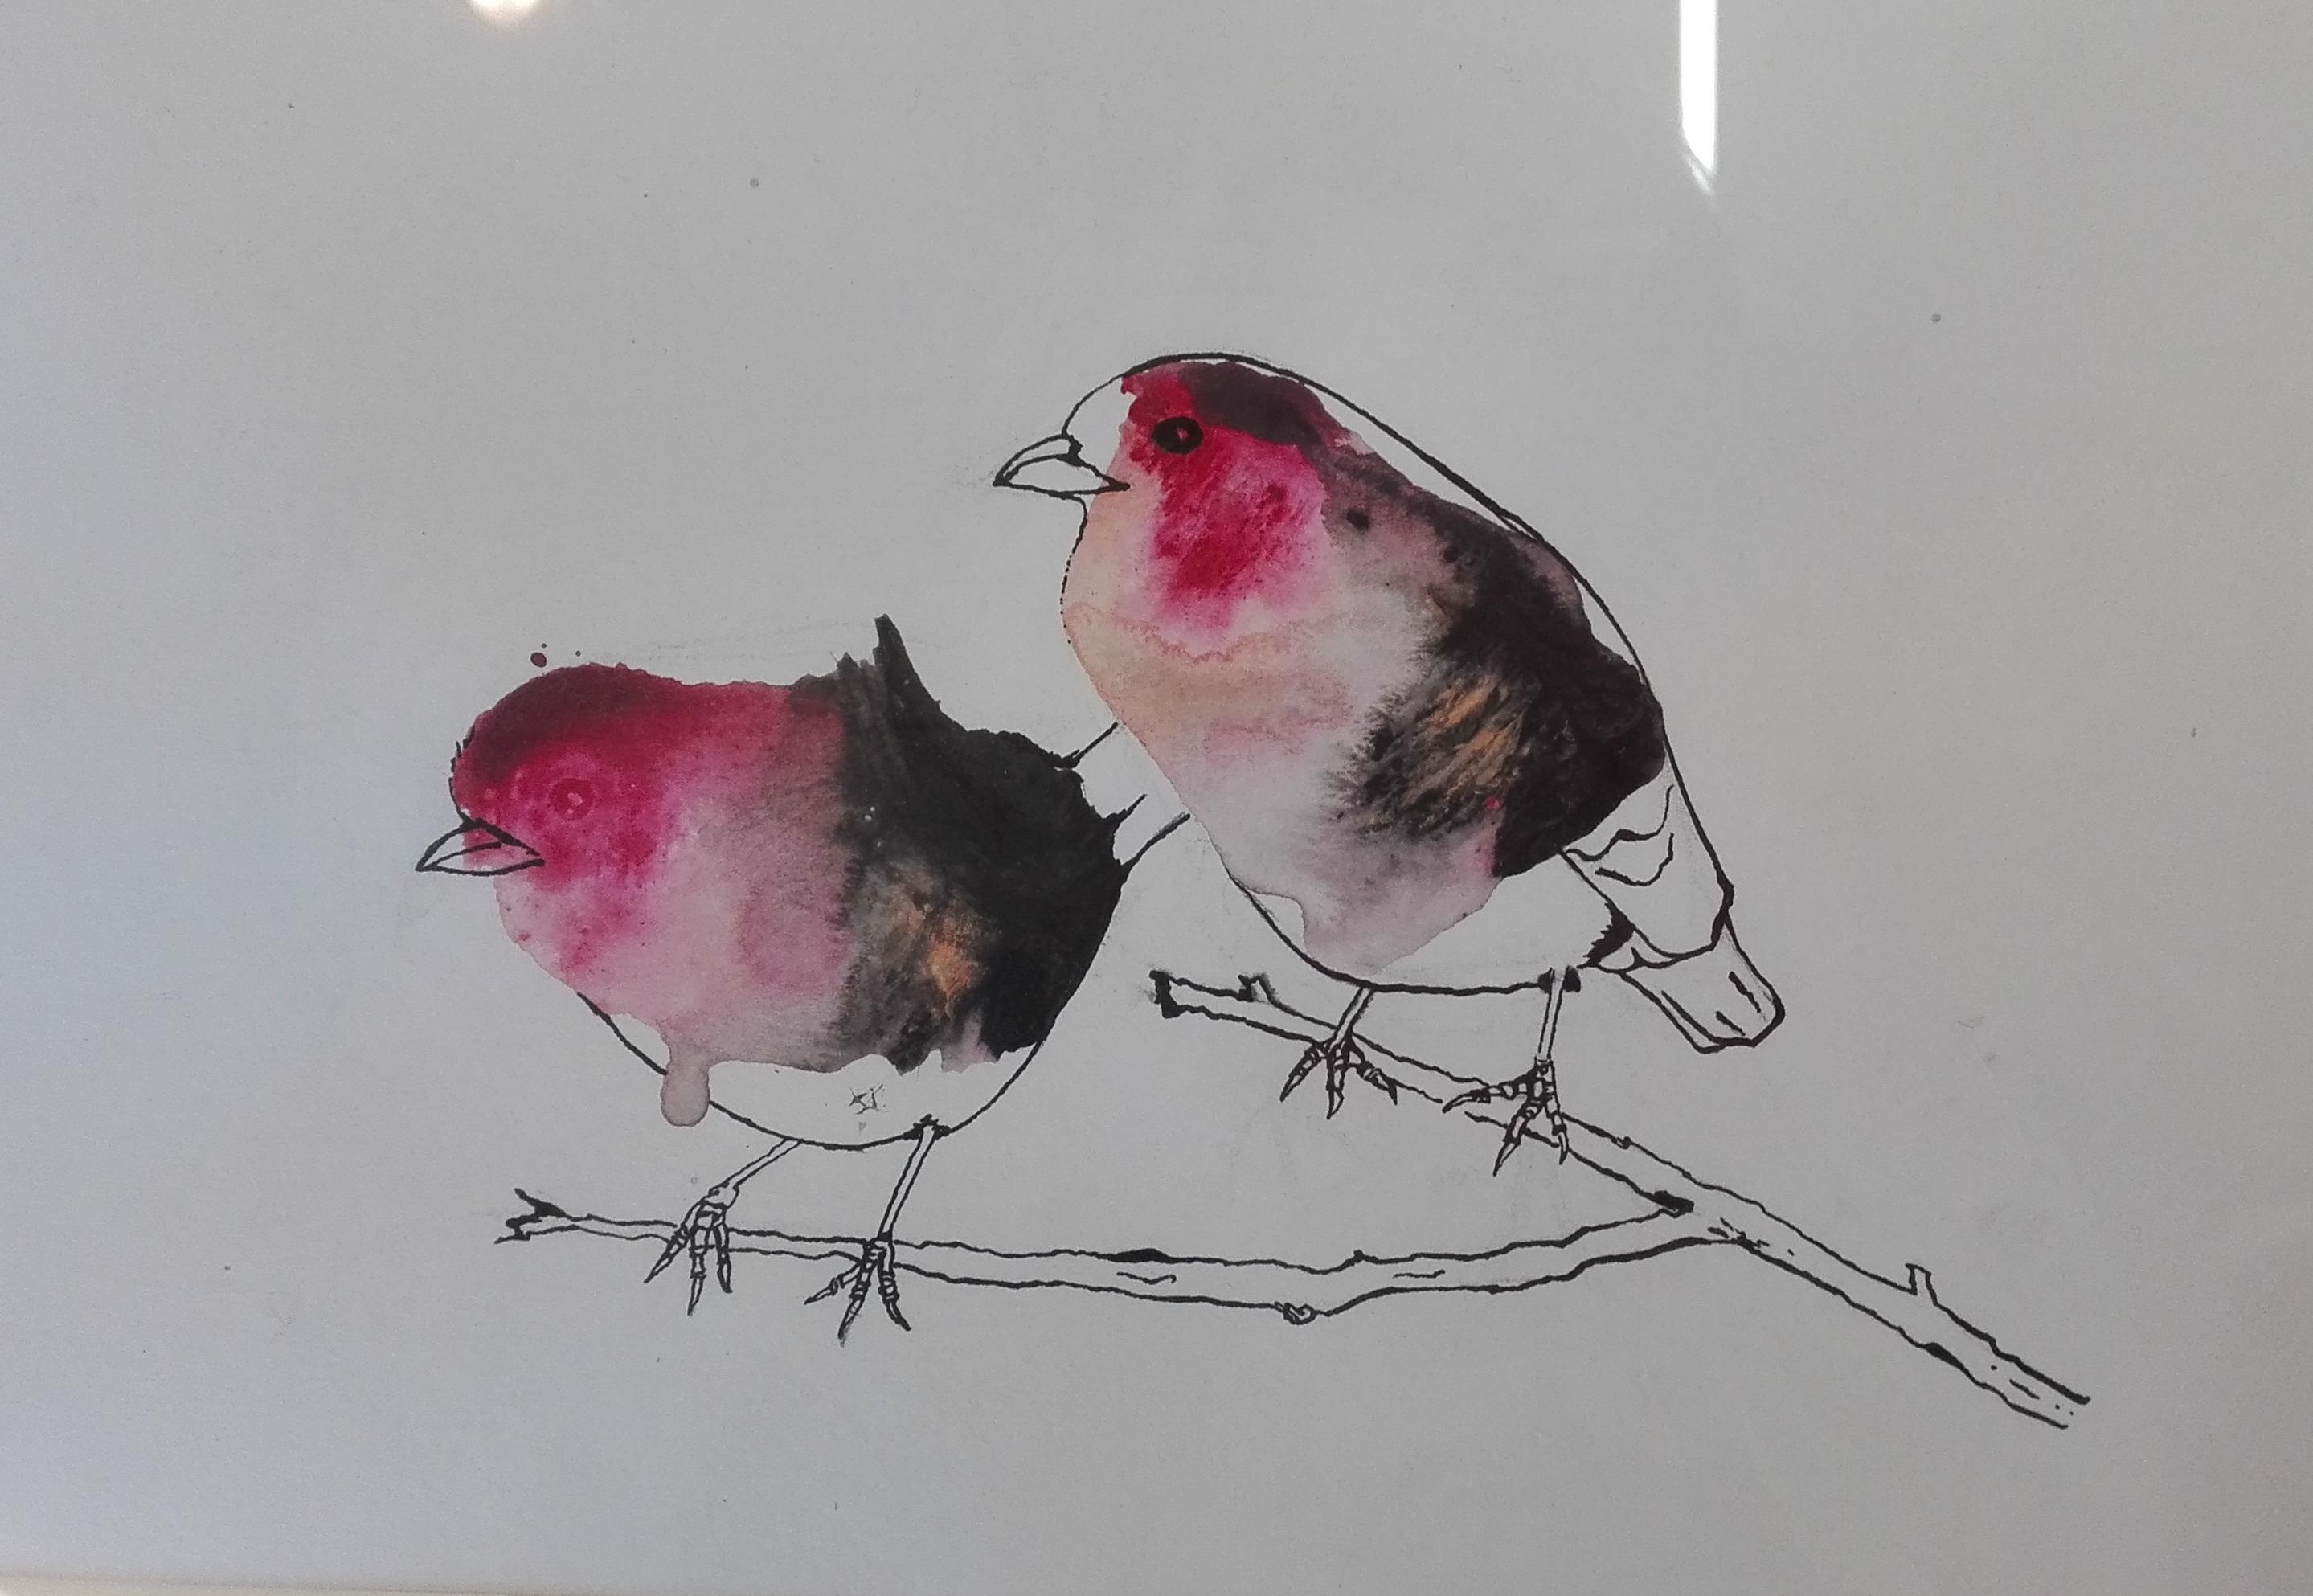 Teken- en schildercursus geschikt voor zowel beginners als gevorderden